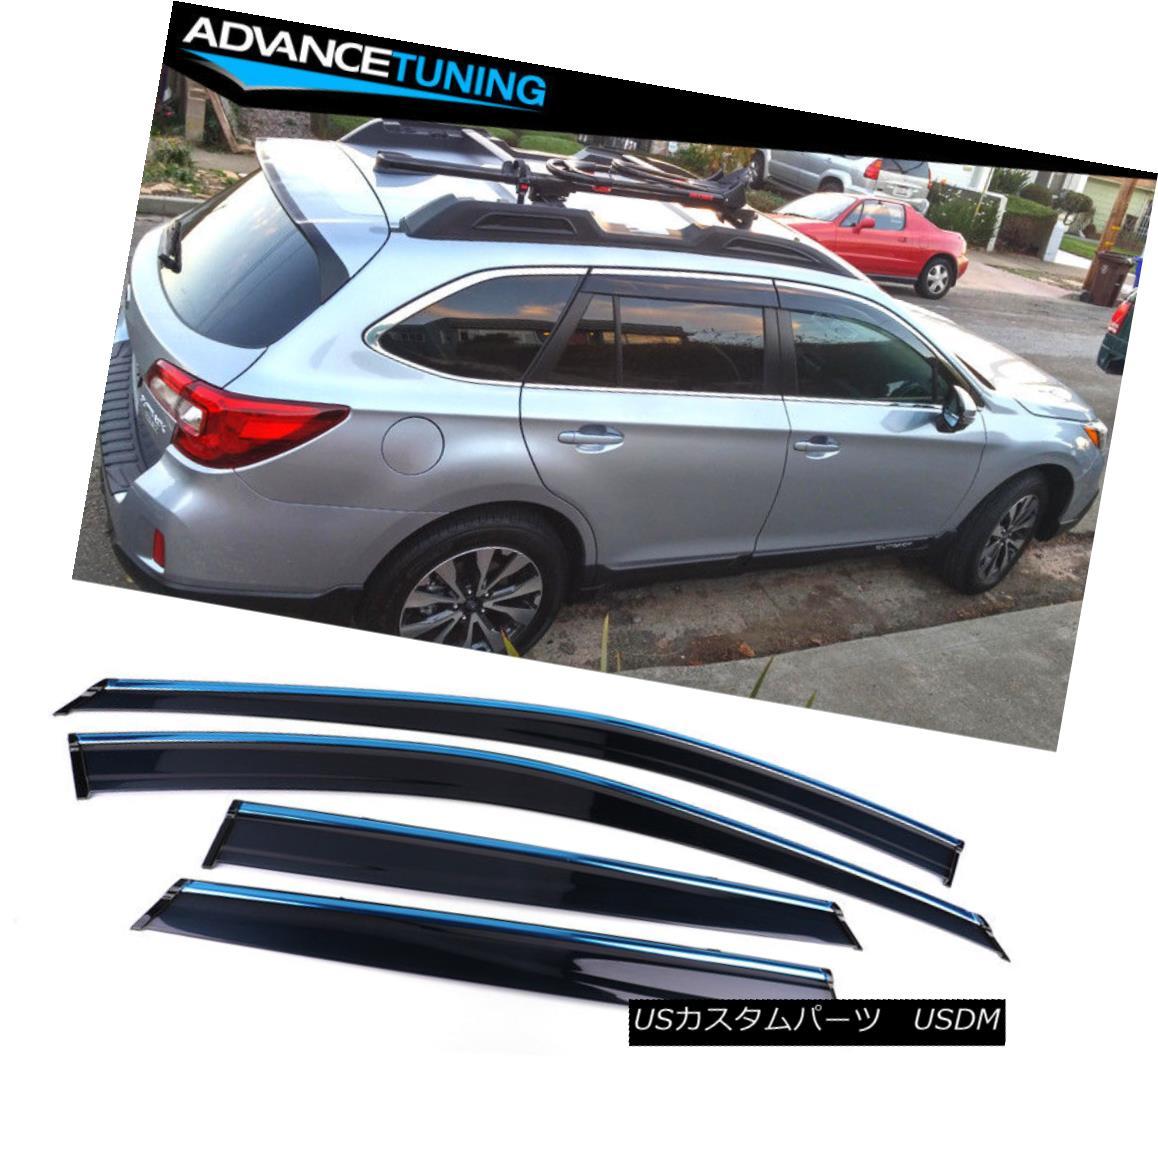 エアロパーツ Fits 15-18 Subaru Outback Polycarbonate Window Visors w/ Chrome Trim 4Pc クロムトリム4Pc付き15-18スバルアウトバックポリカーボネート窓バイザー